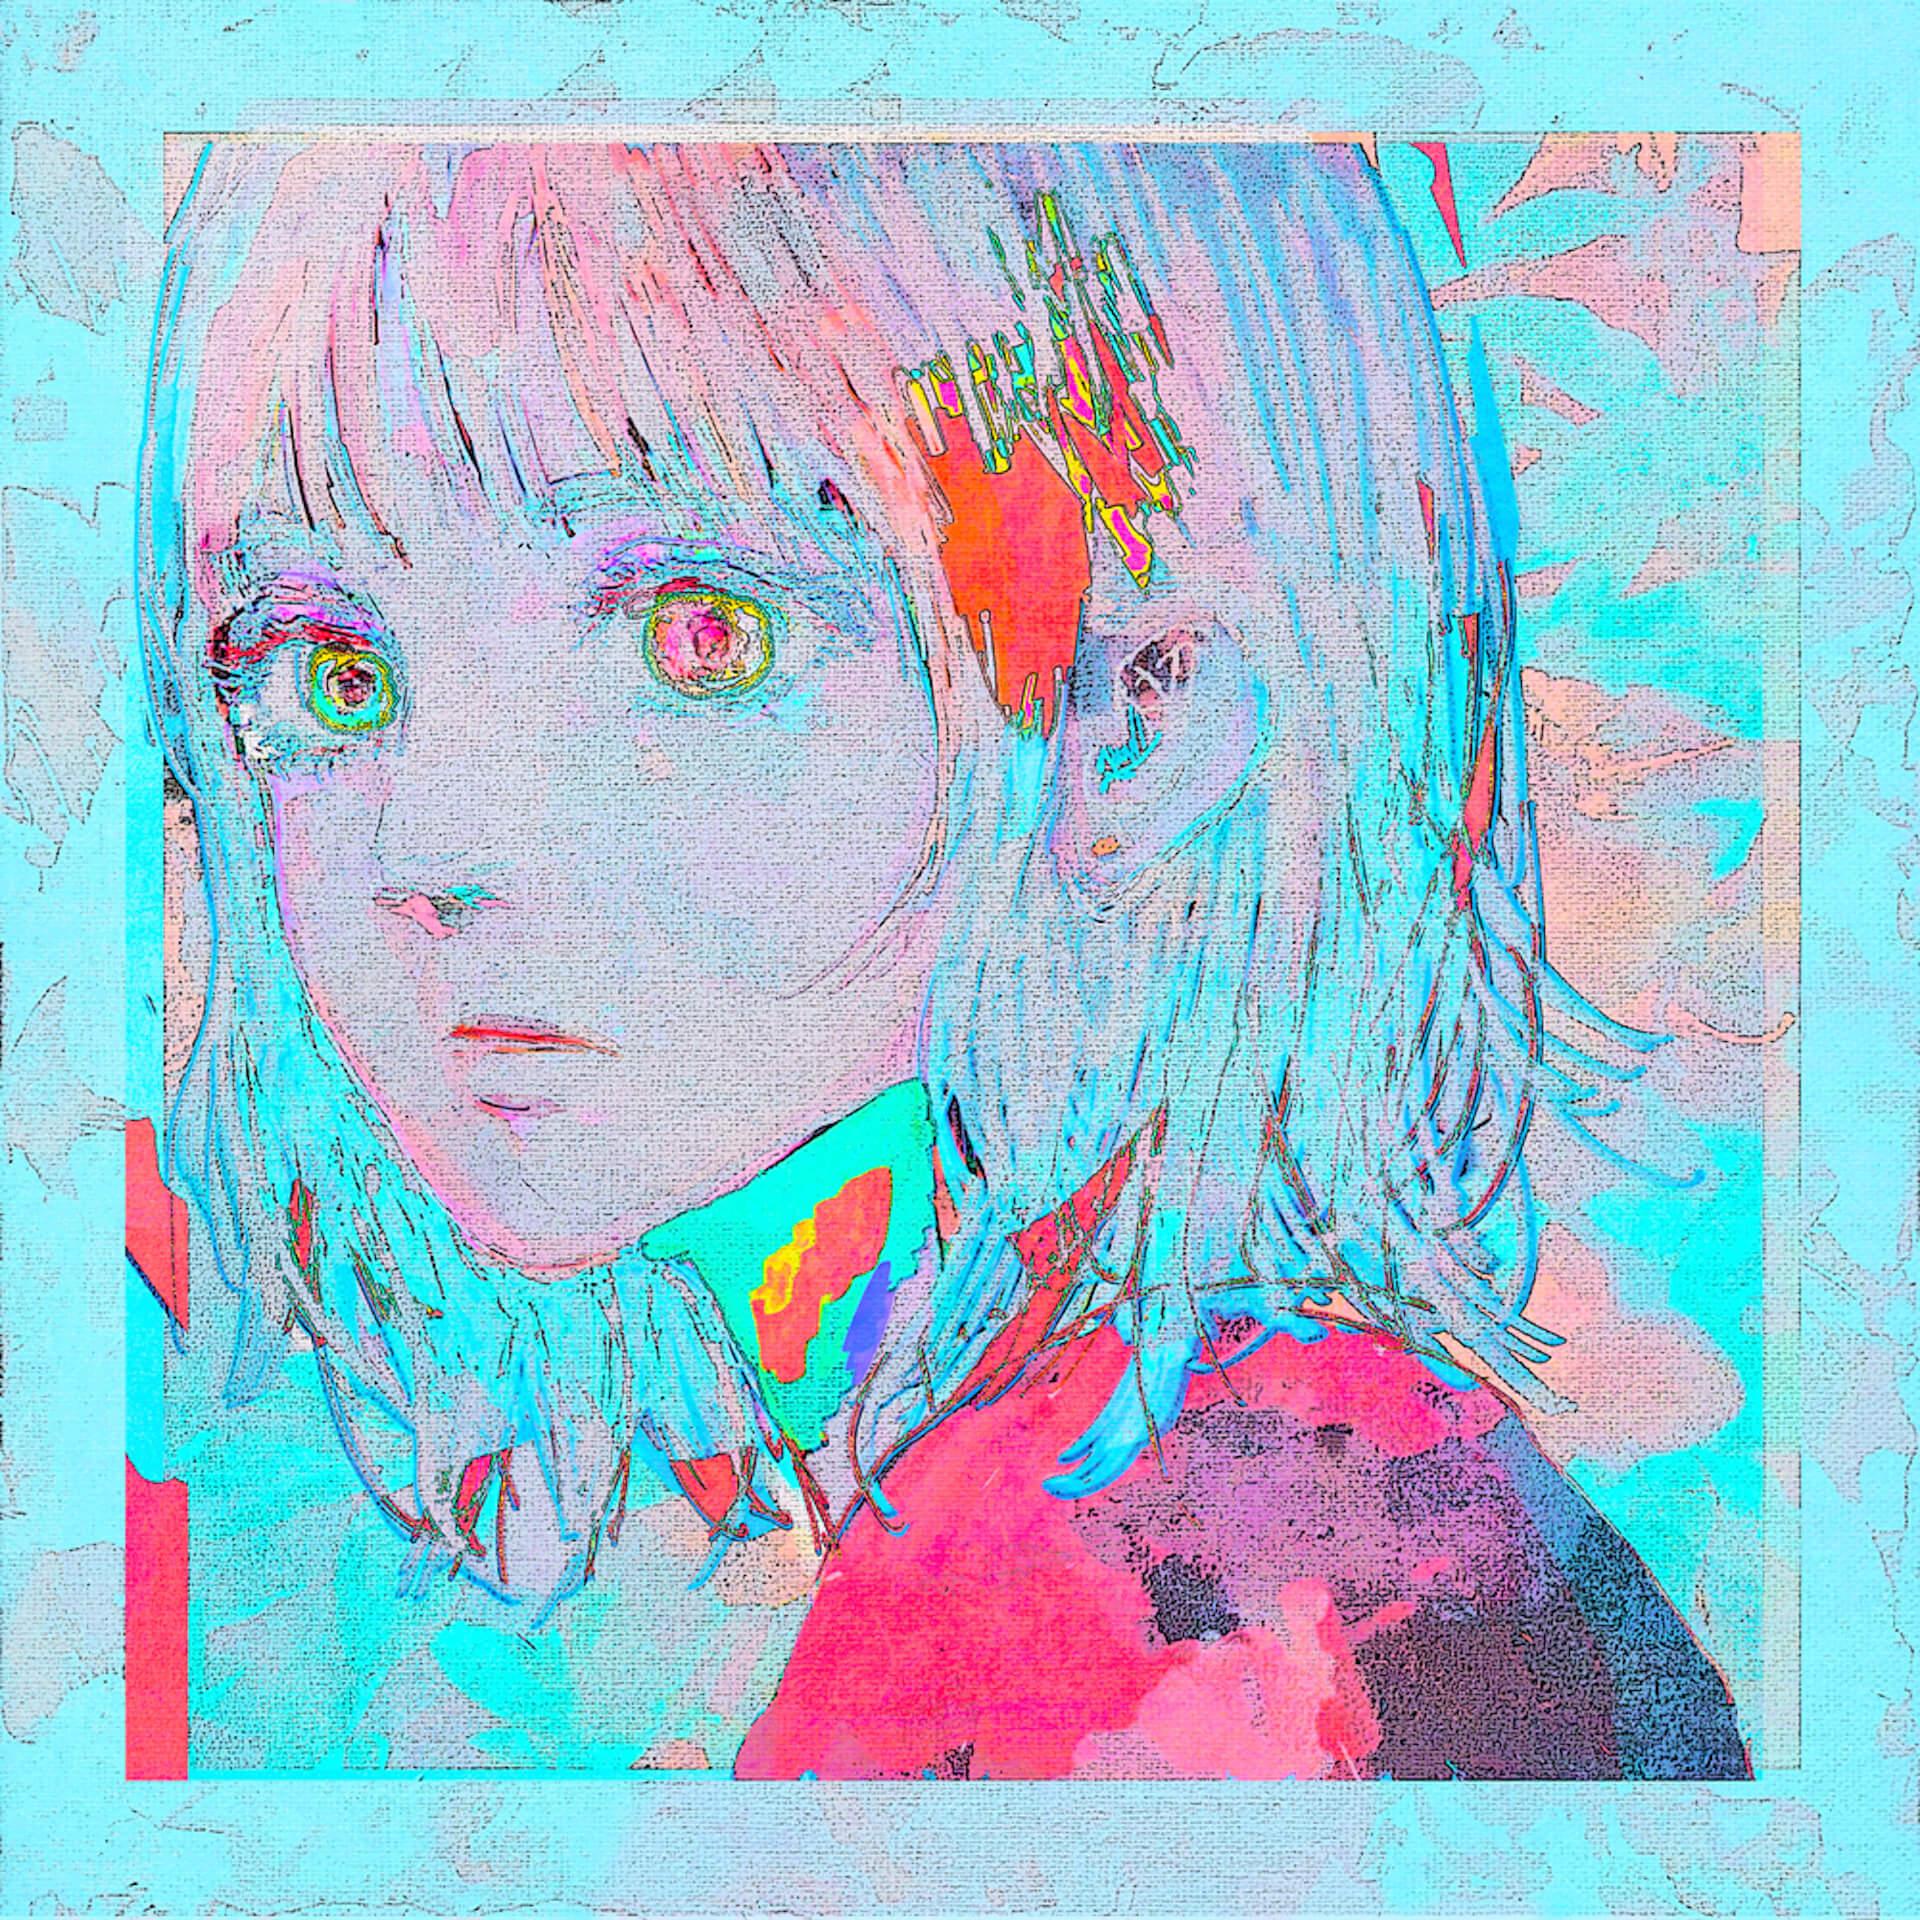 米津玄師『Pale Blue』の楽曲をイメージしたジェラートが期間限定ショップ「Pale Blue Melt」で発売決定! gourmet210827_yonezukenshi_11